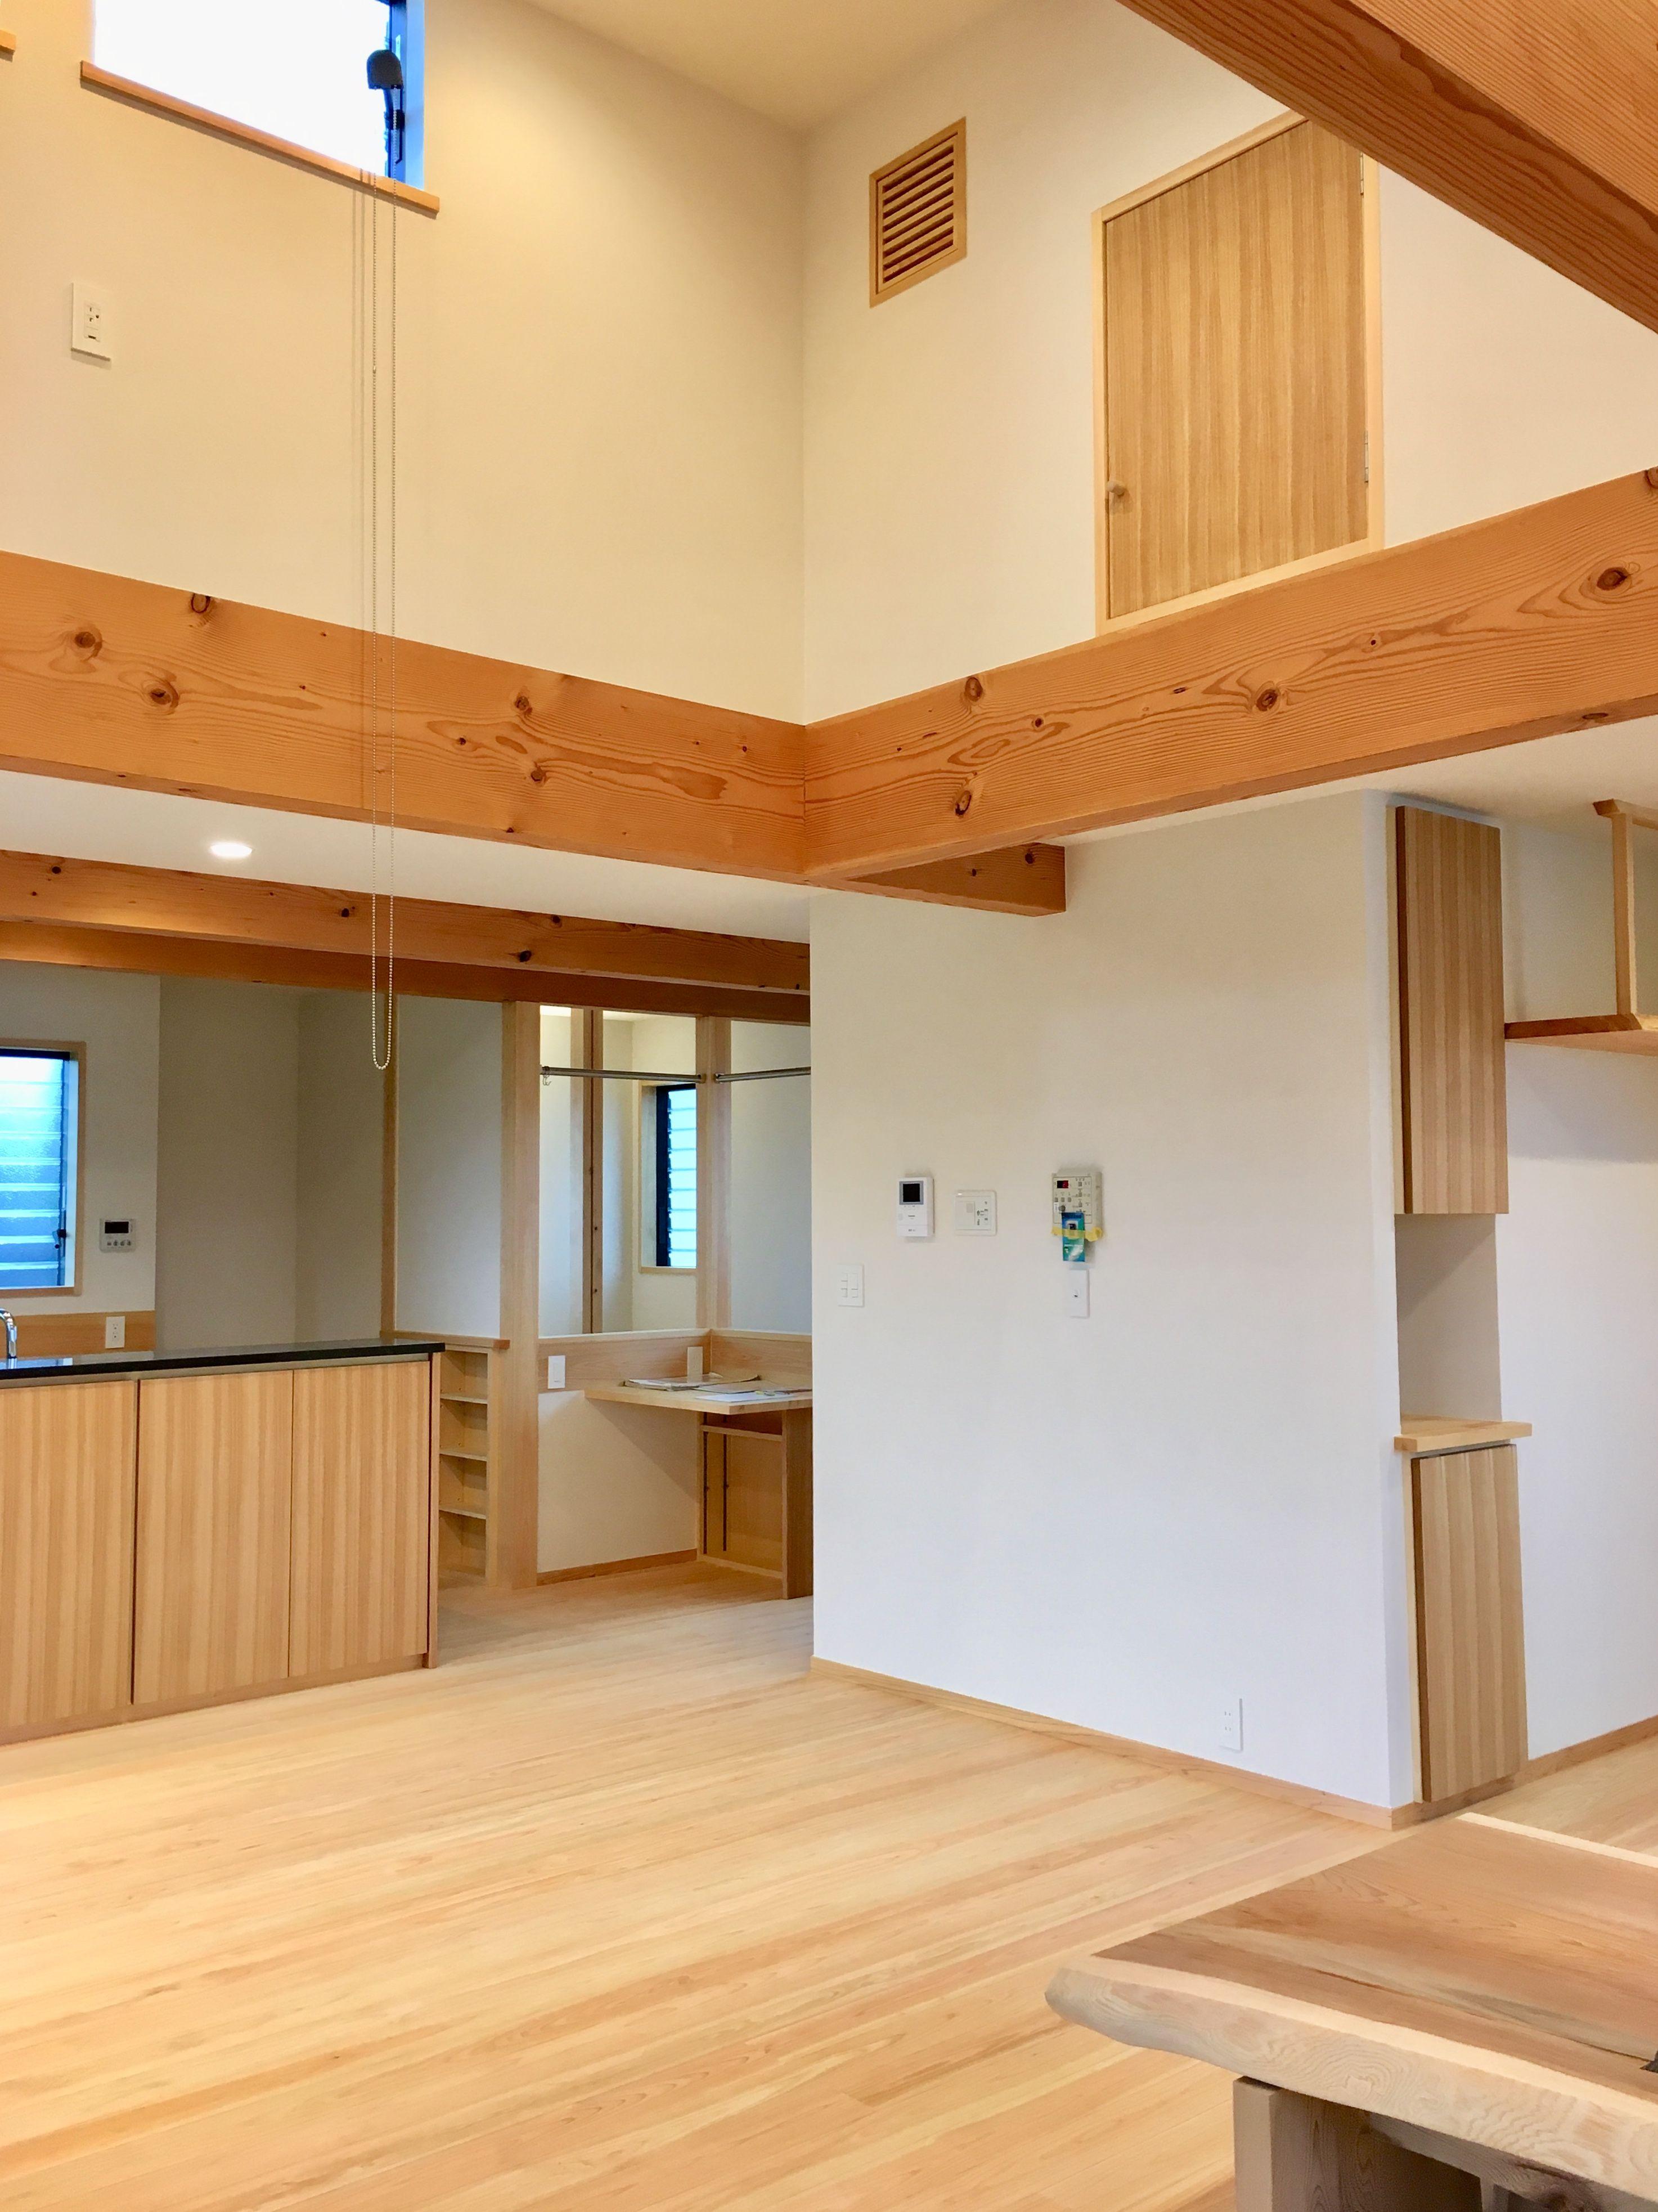 御影石の対面式キッチンに隣接して家事コーナーとロフトがある吹き抜けの2階リビング 2020 2階リビング 家 御影石